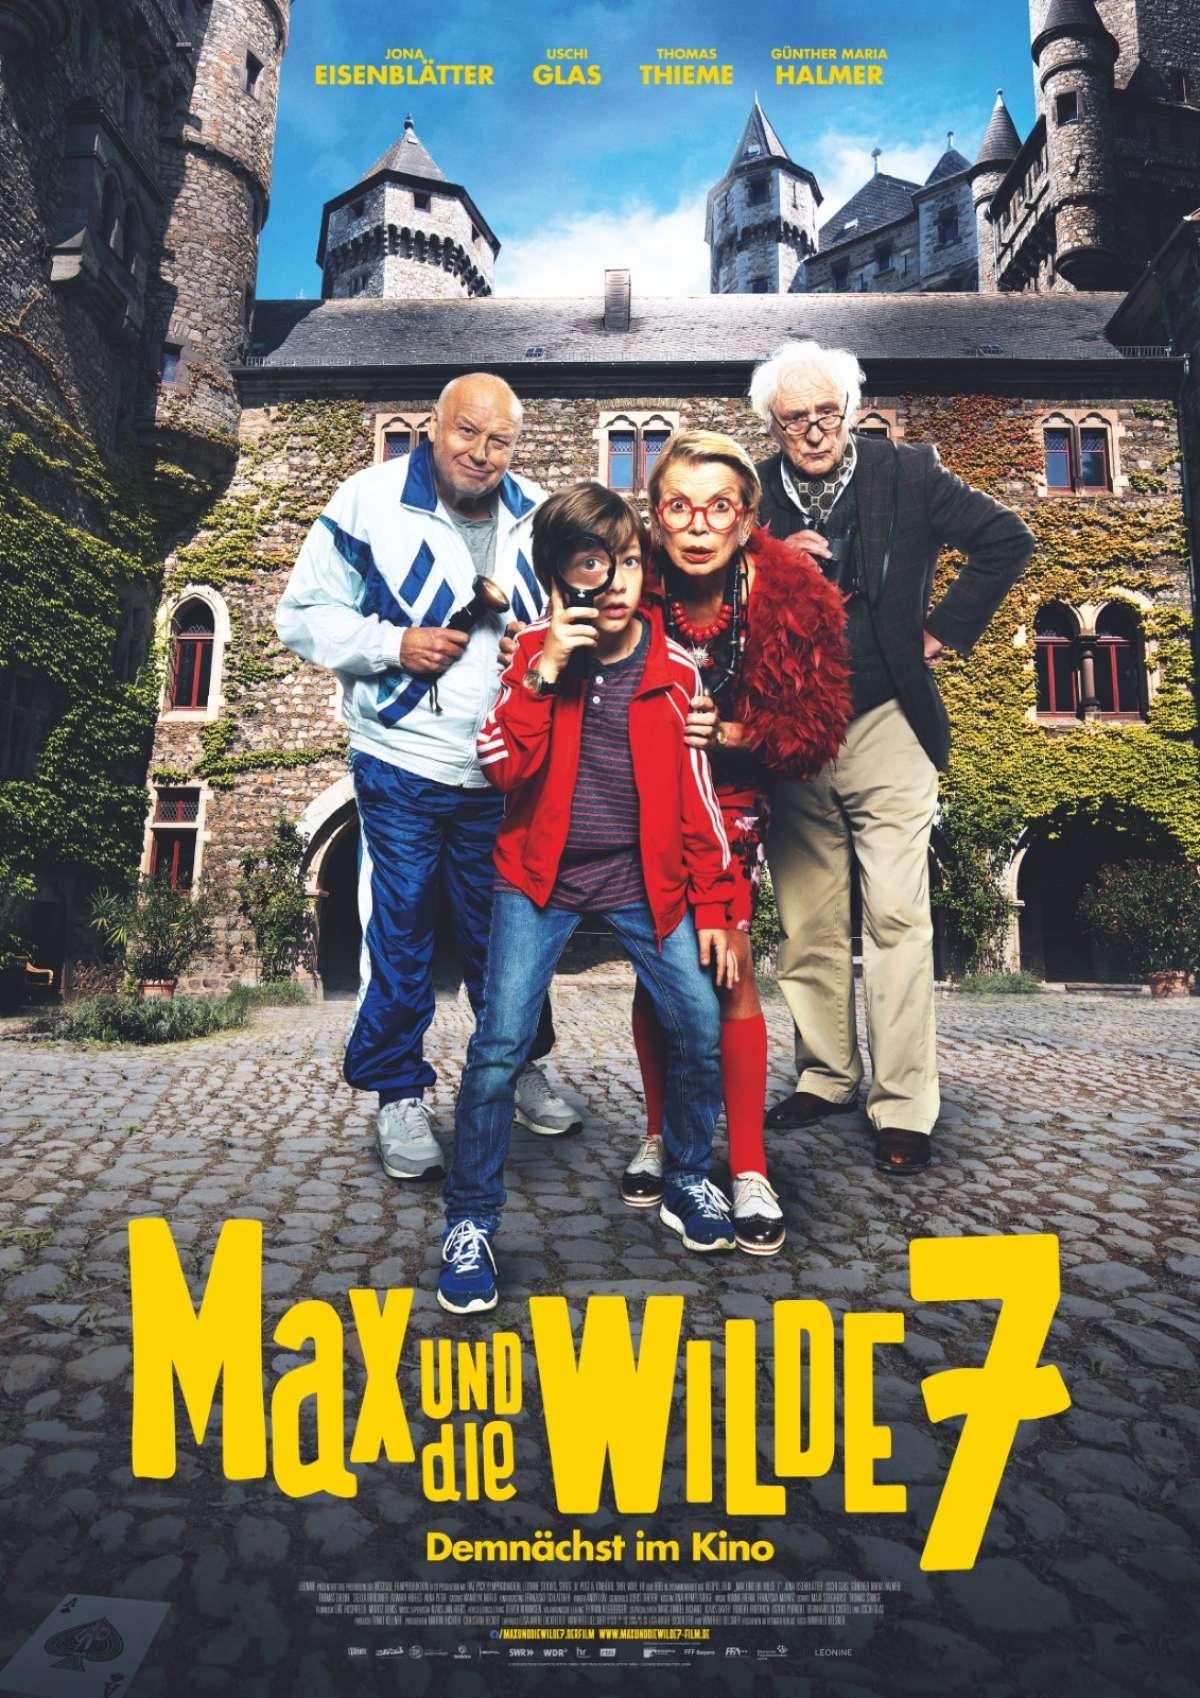 Max und die wilde 7 - Cineplex   - Bad Hersfeld